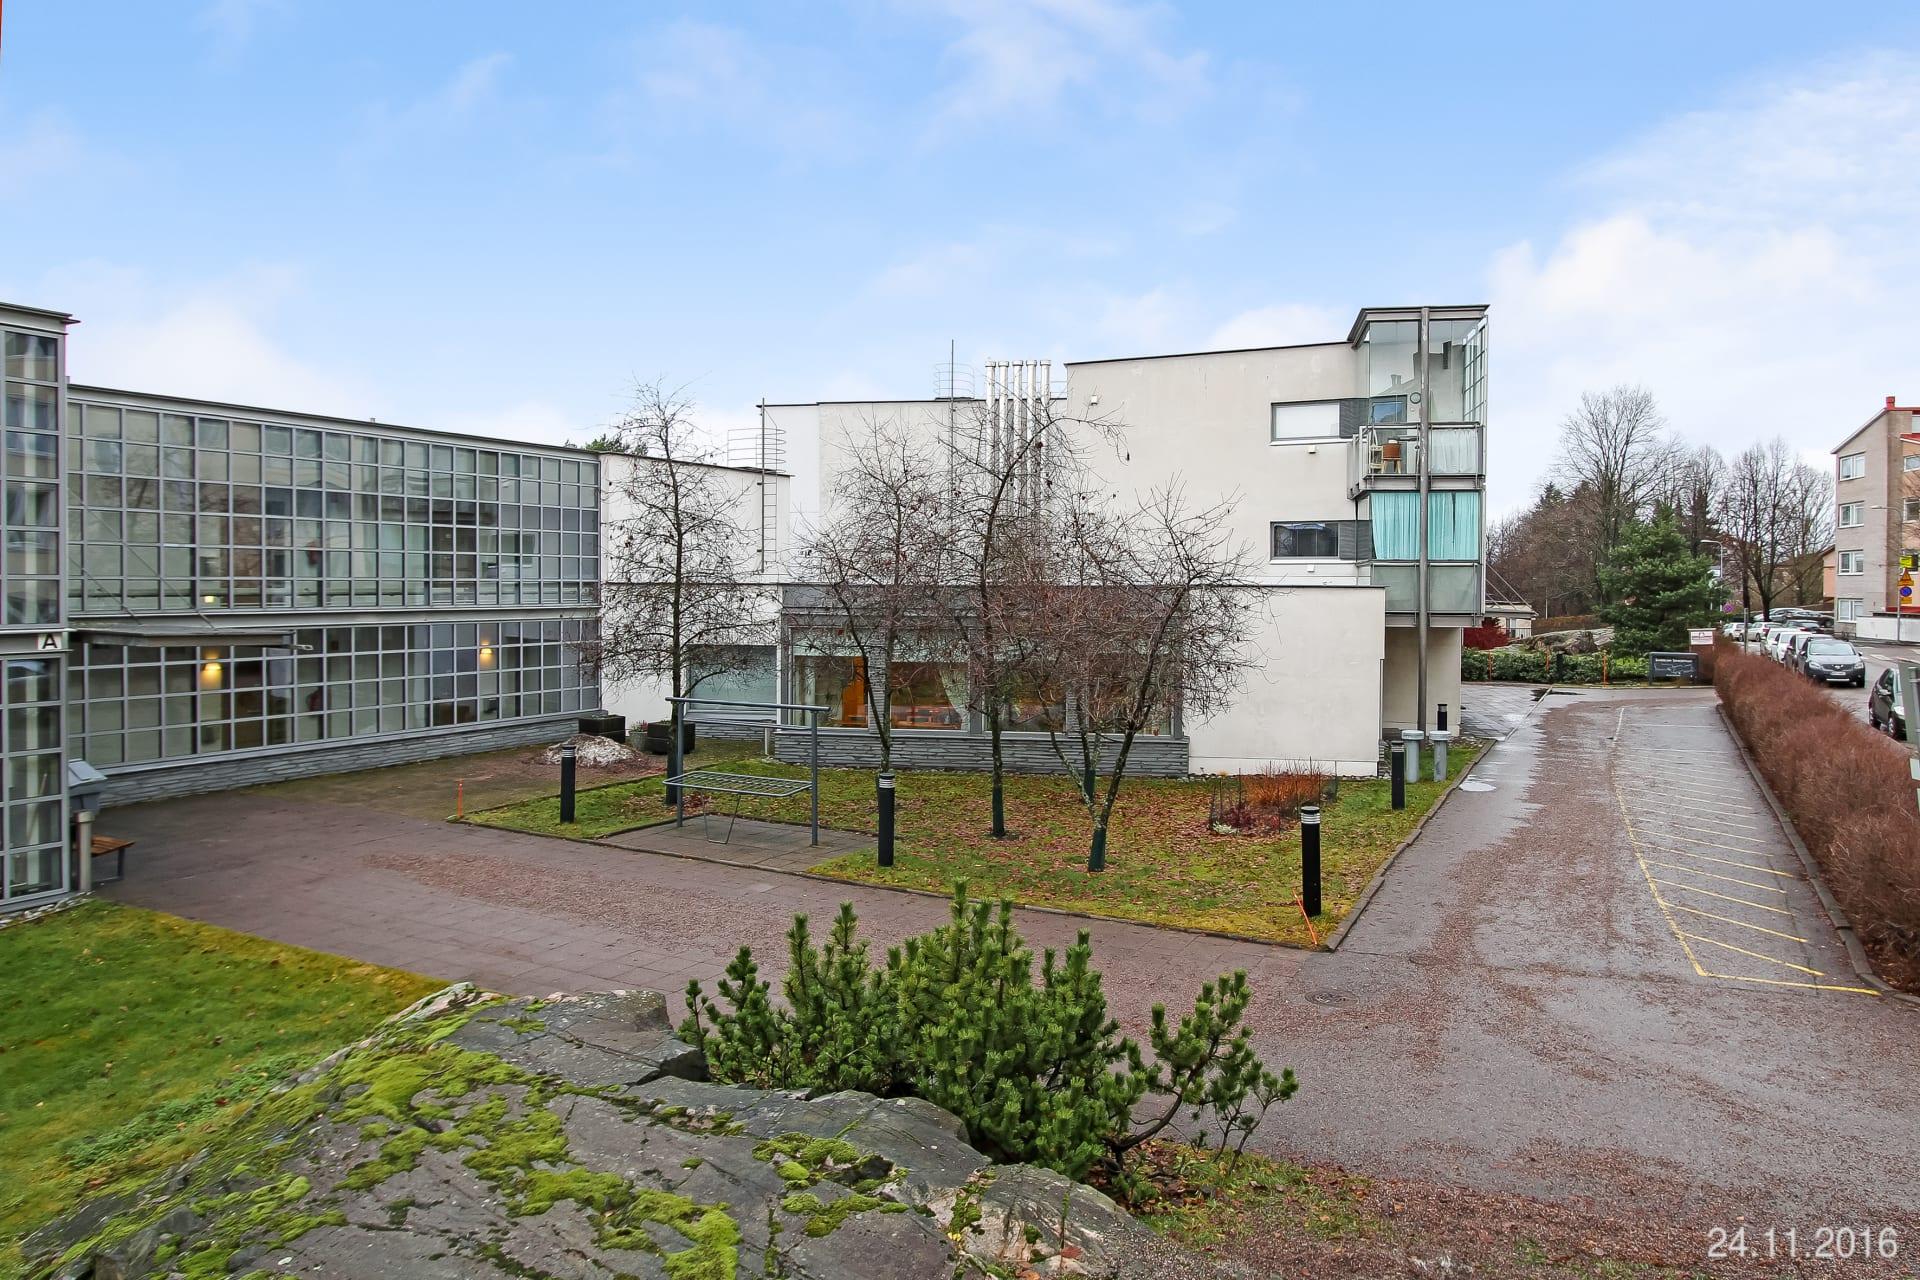 Omistusasunto Senioritalo Helsinki